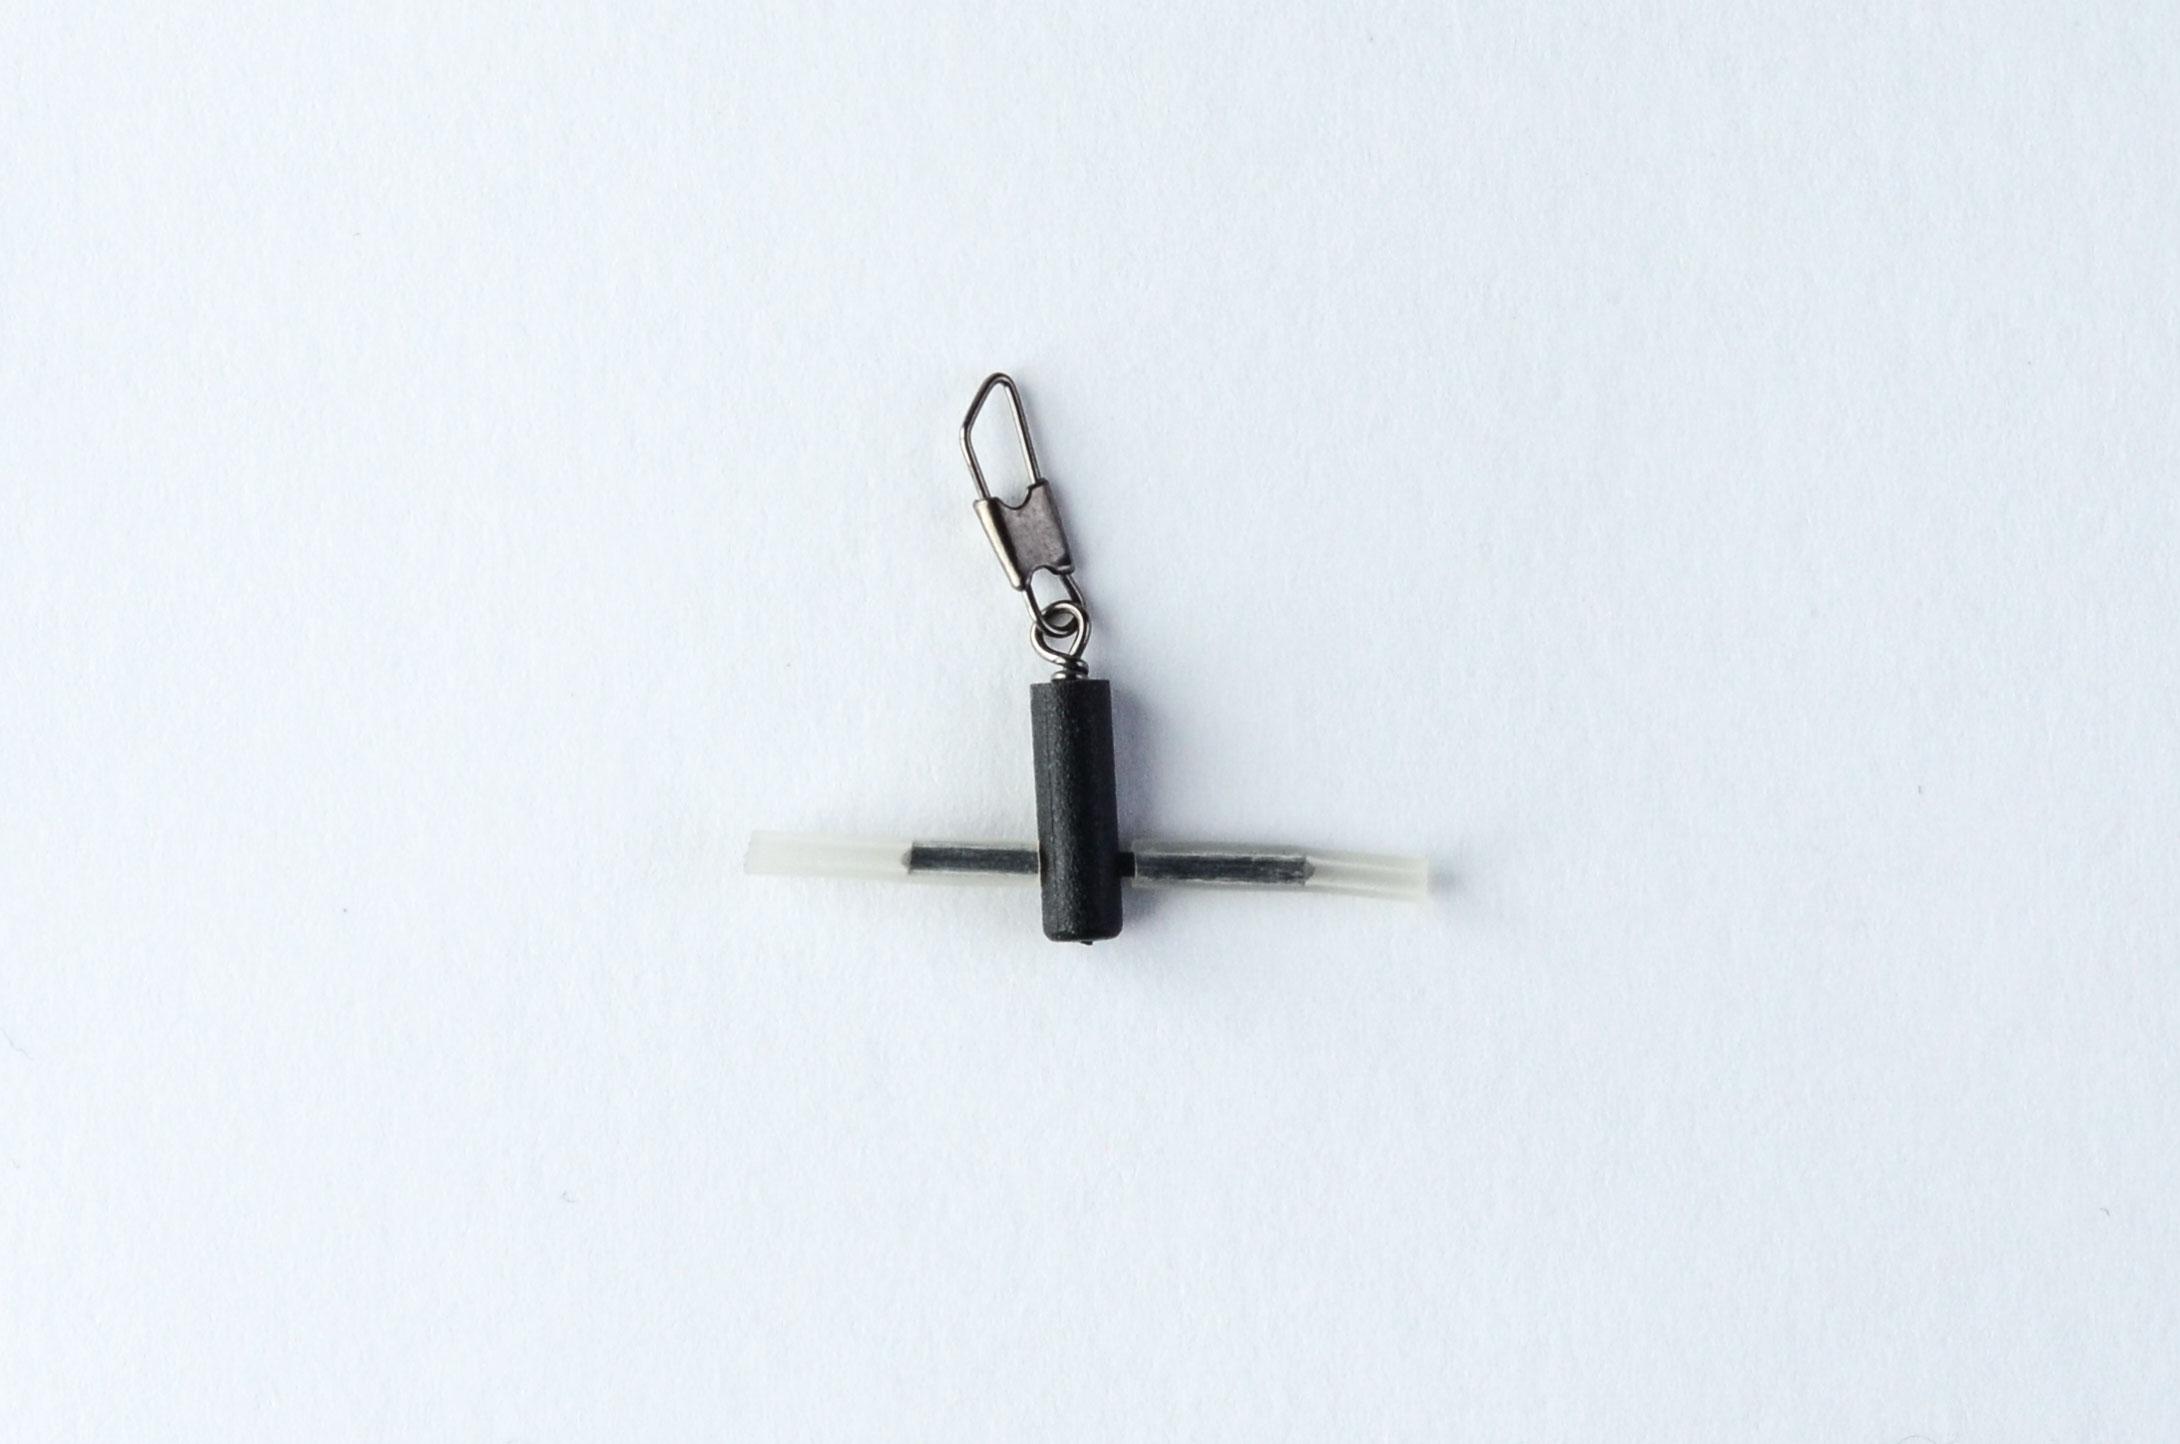 Застёжка для поплавка с вертлюжком для фиксированного крепления 10006 (уп.3шт)